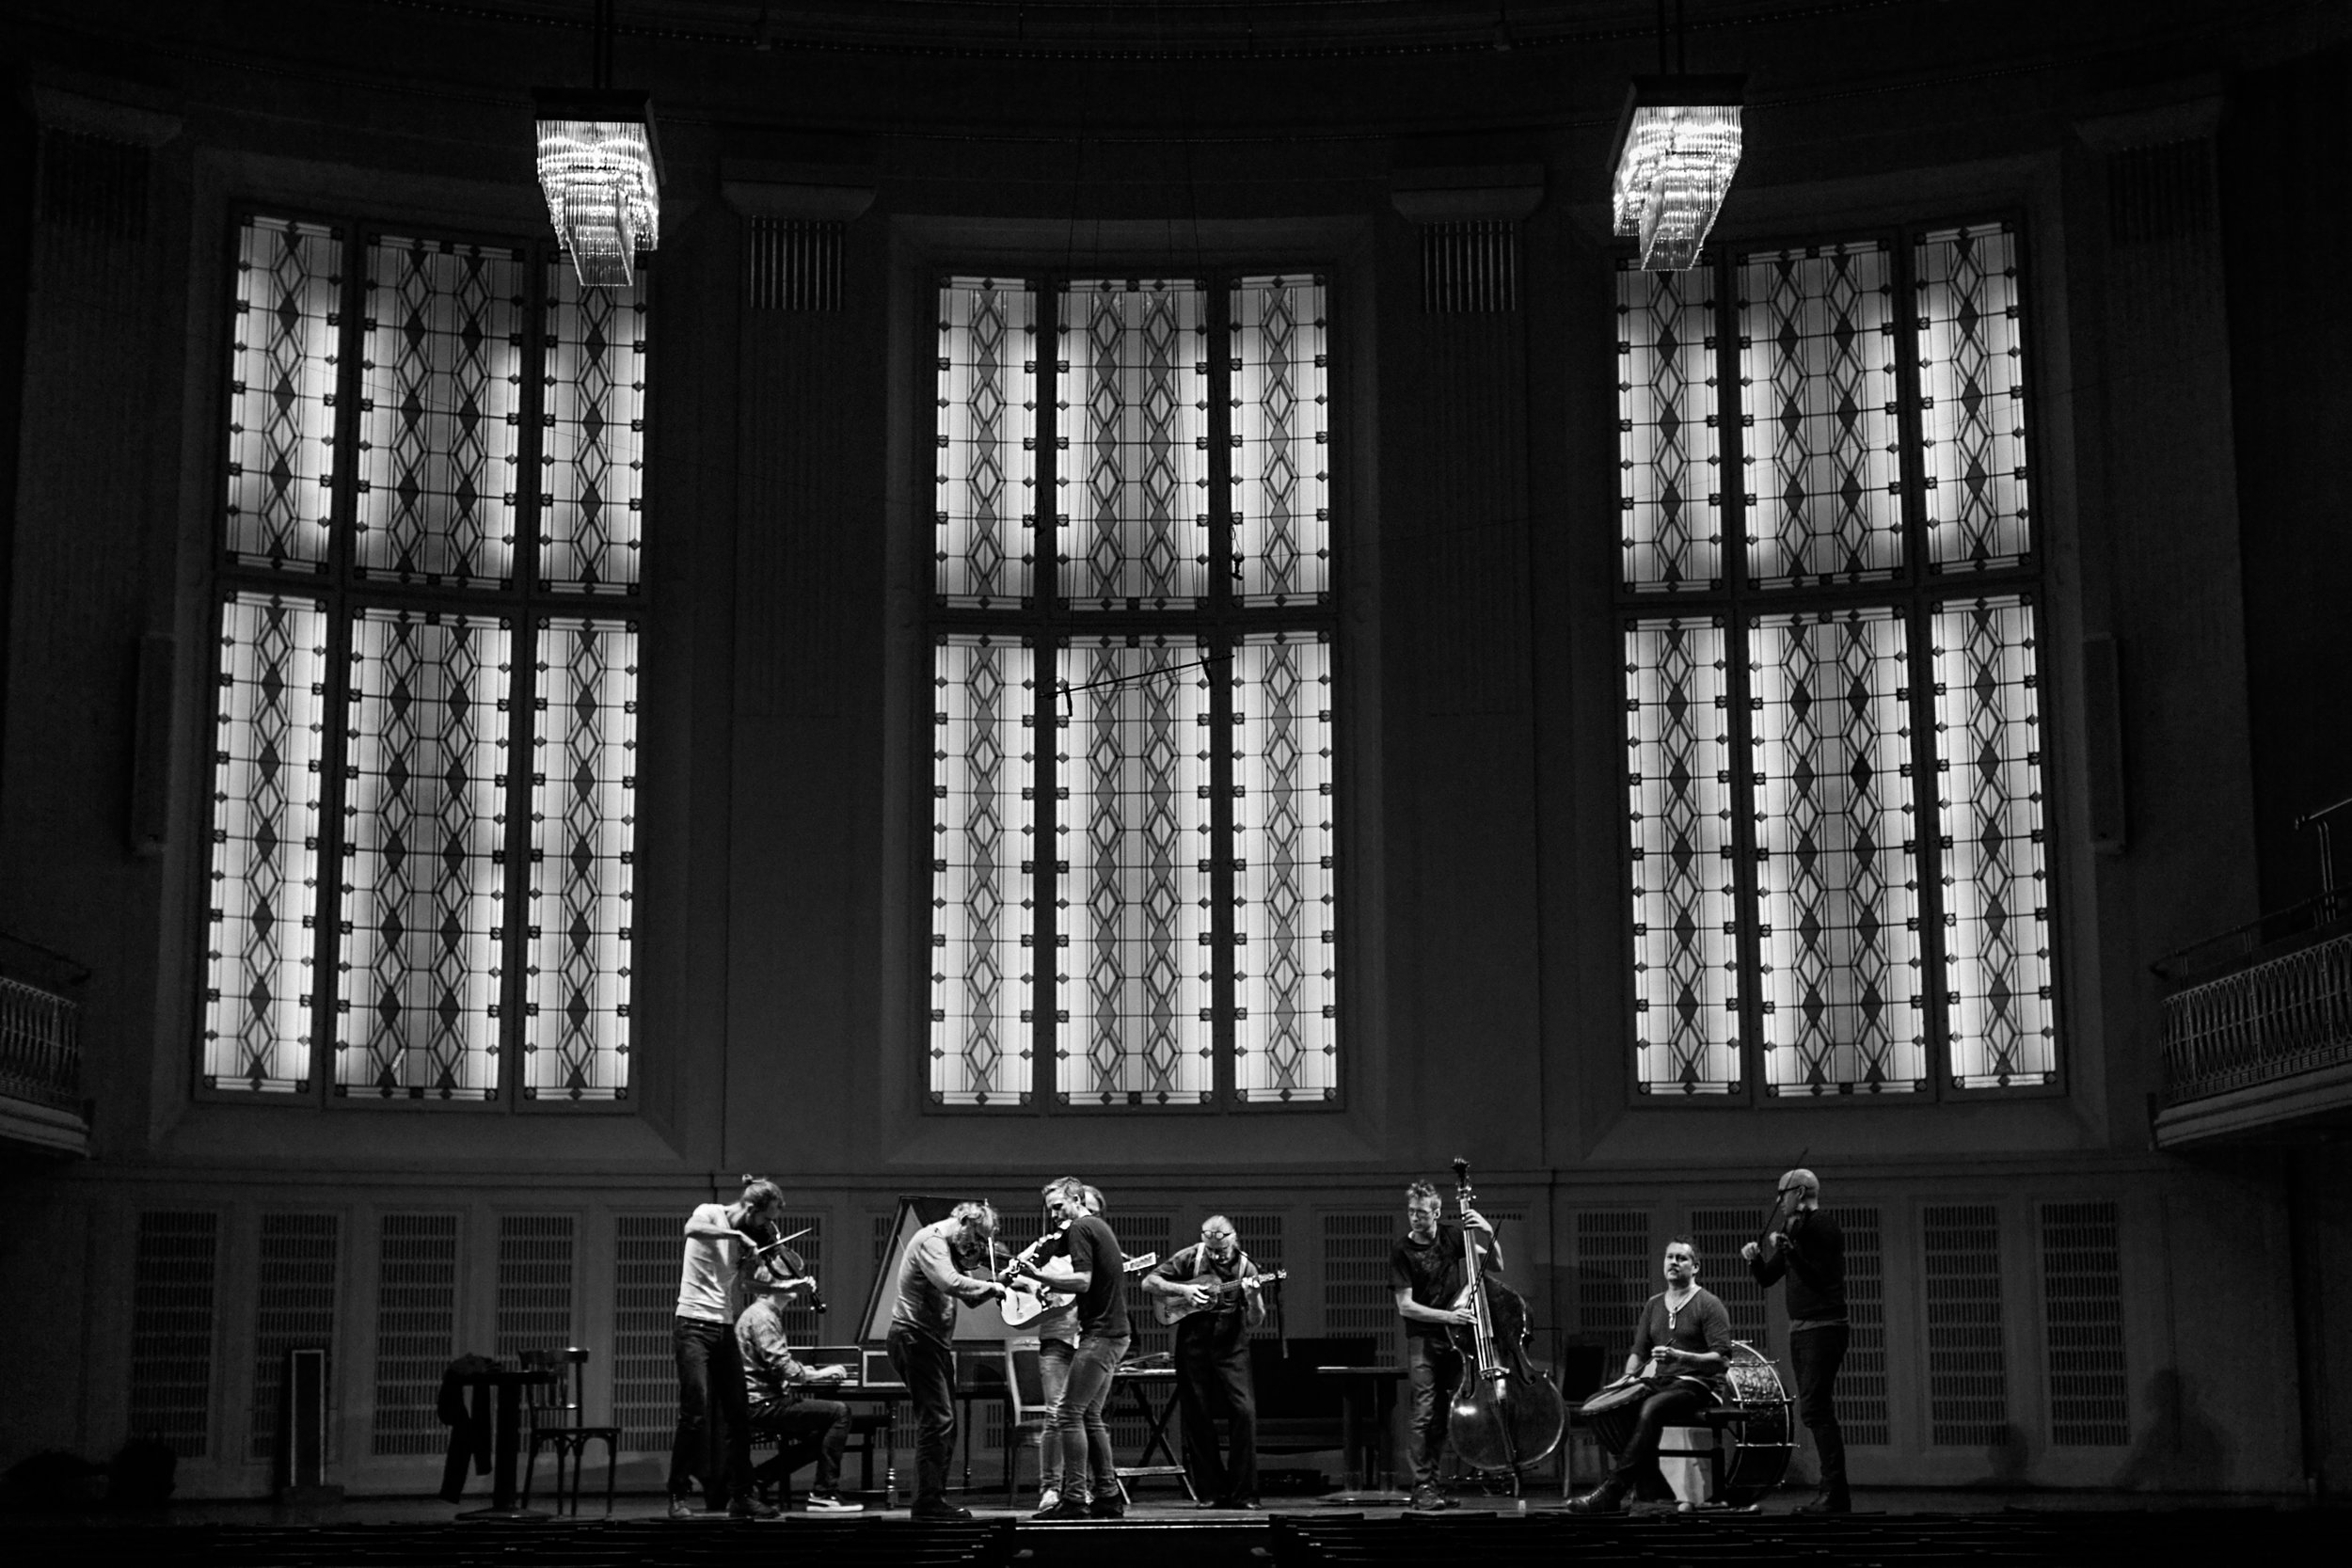 Barokksolistene by Theresa Pewal